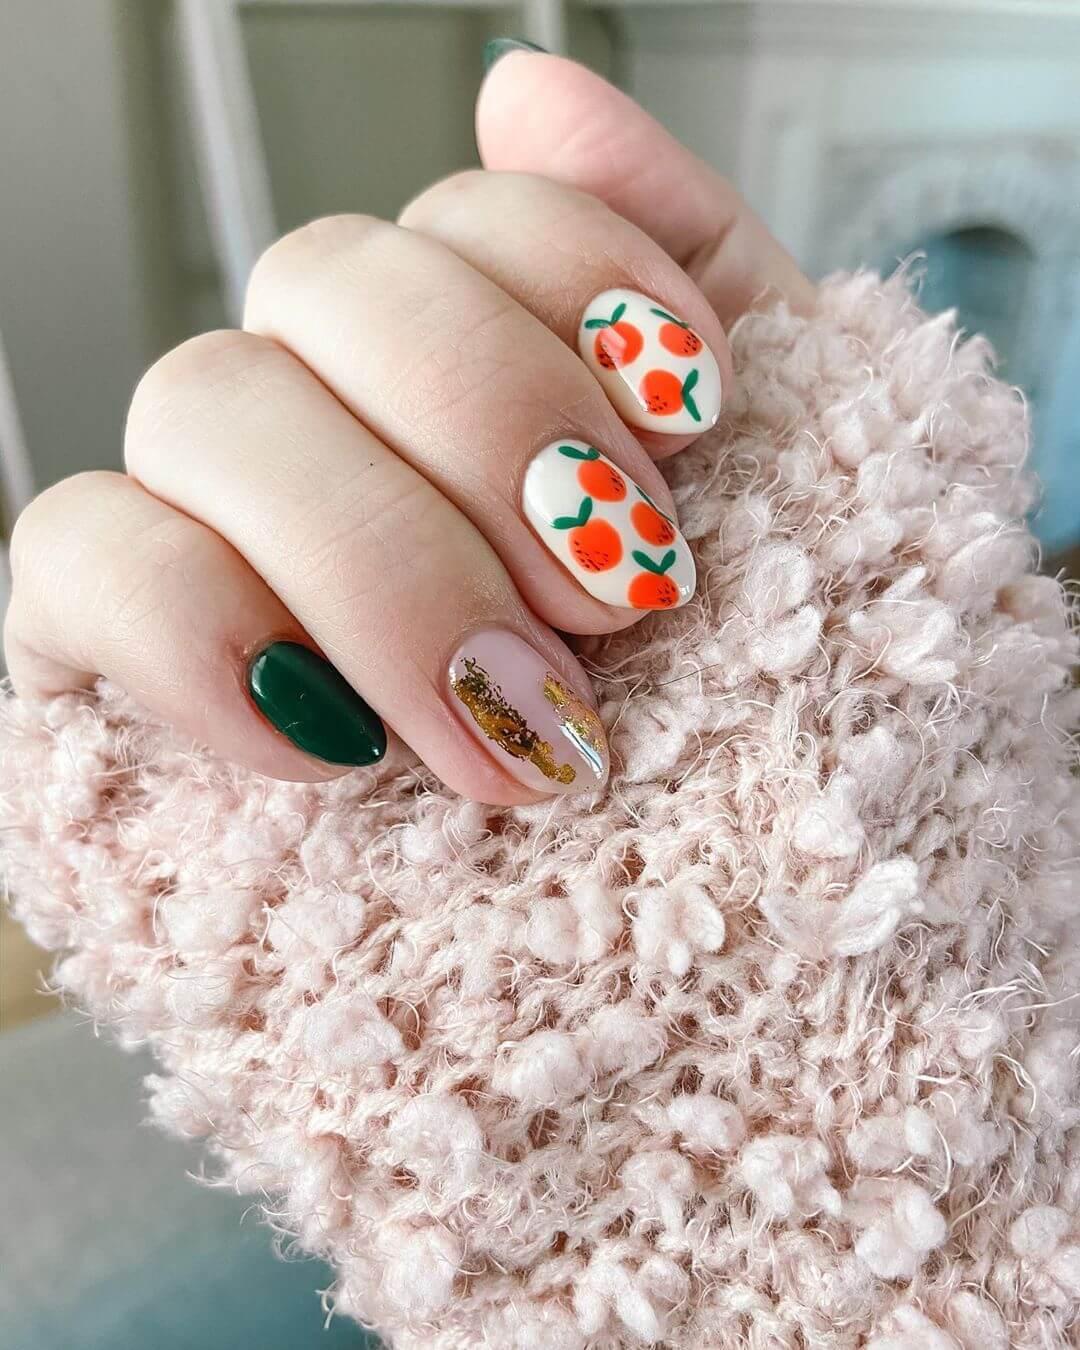 uñas decoradas con naranjas para el verano